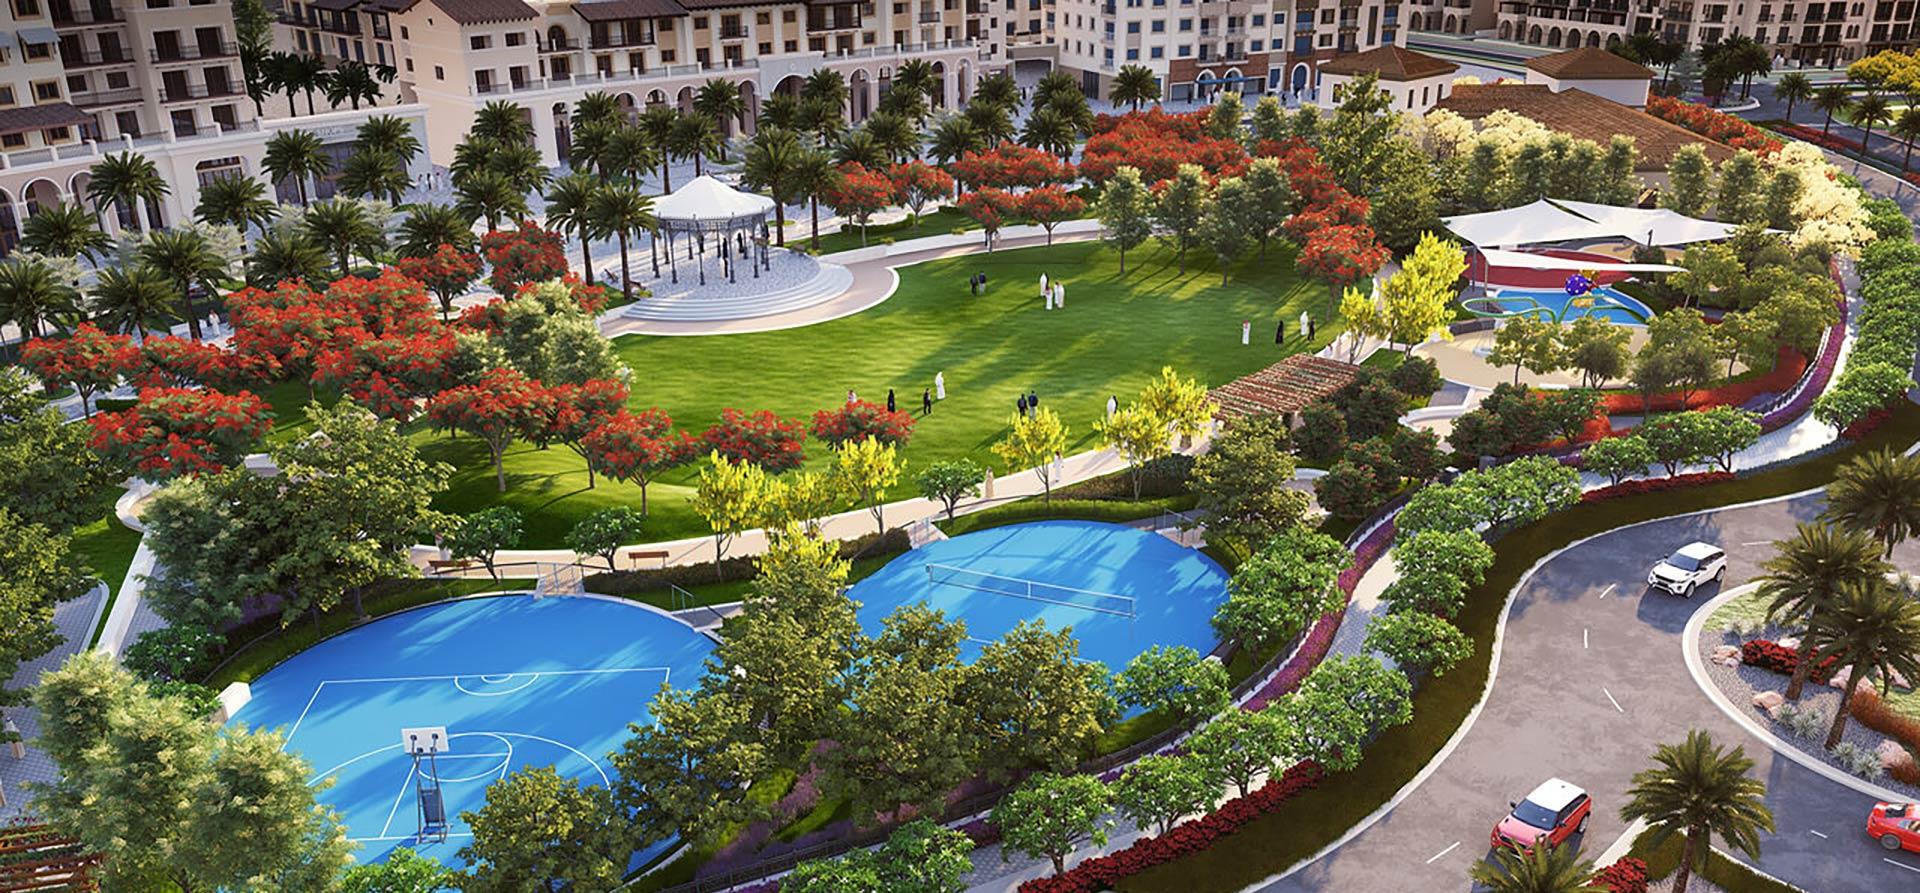 مدينة بدر من نخيل - شقق جاهزة للبيع بنظام اللتملك الحر في دبي